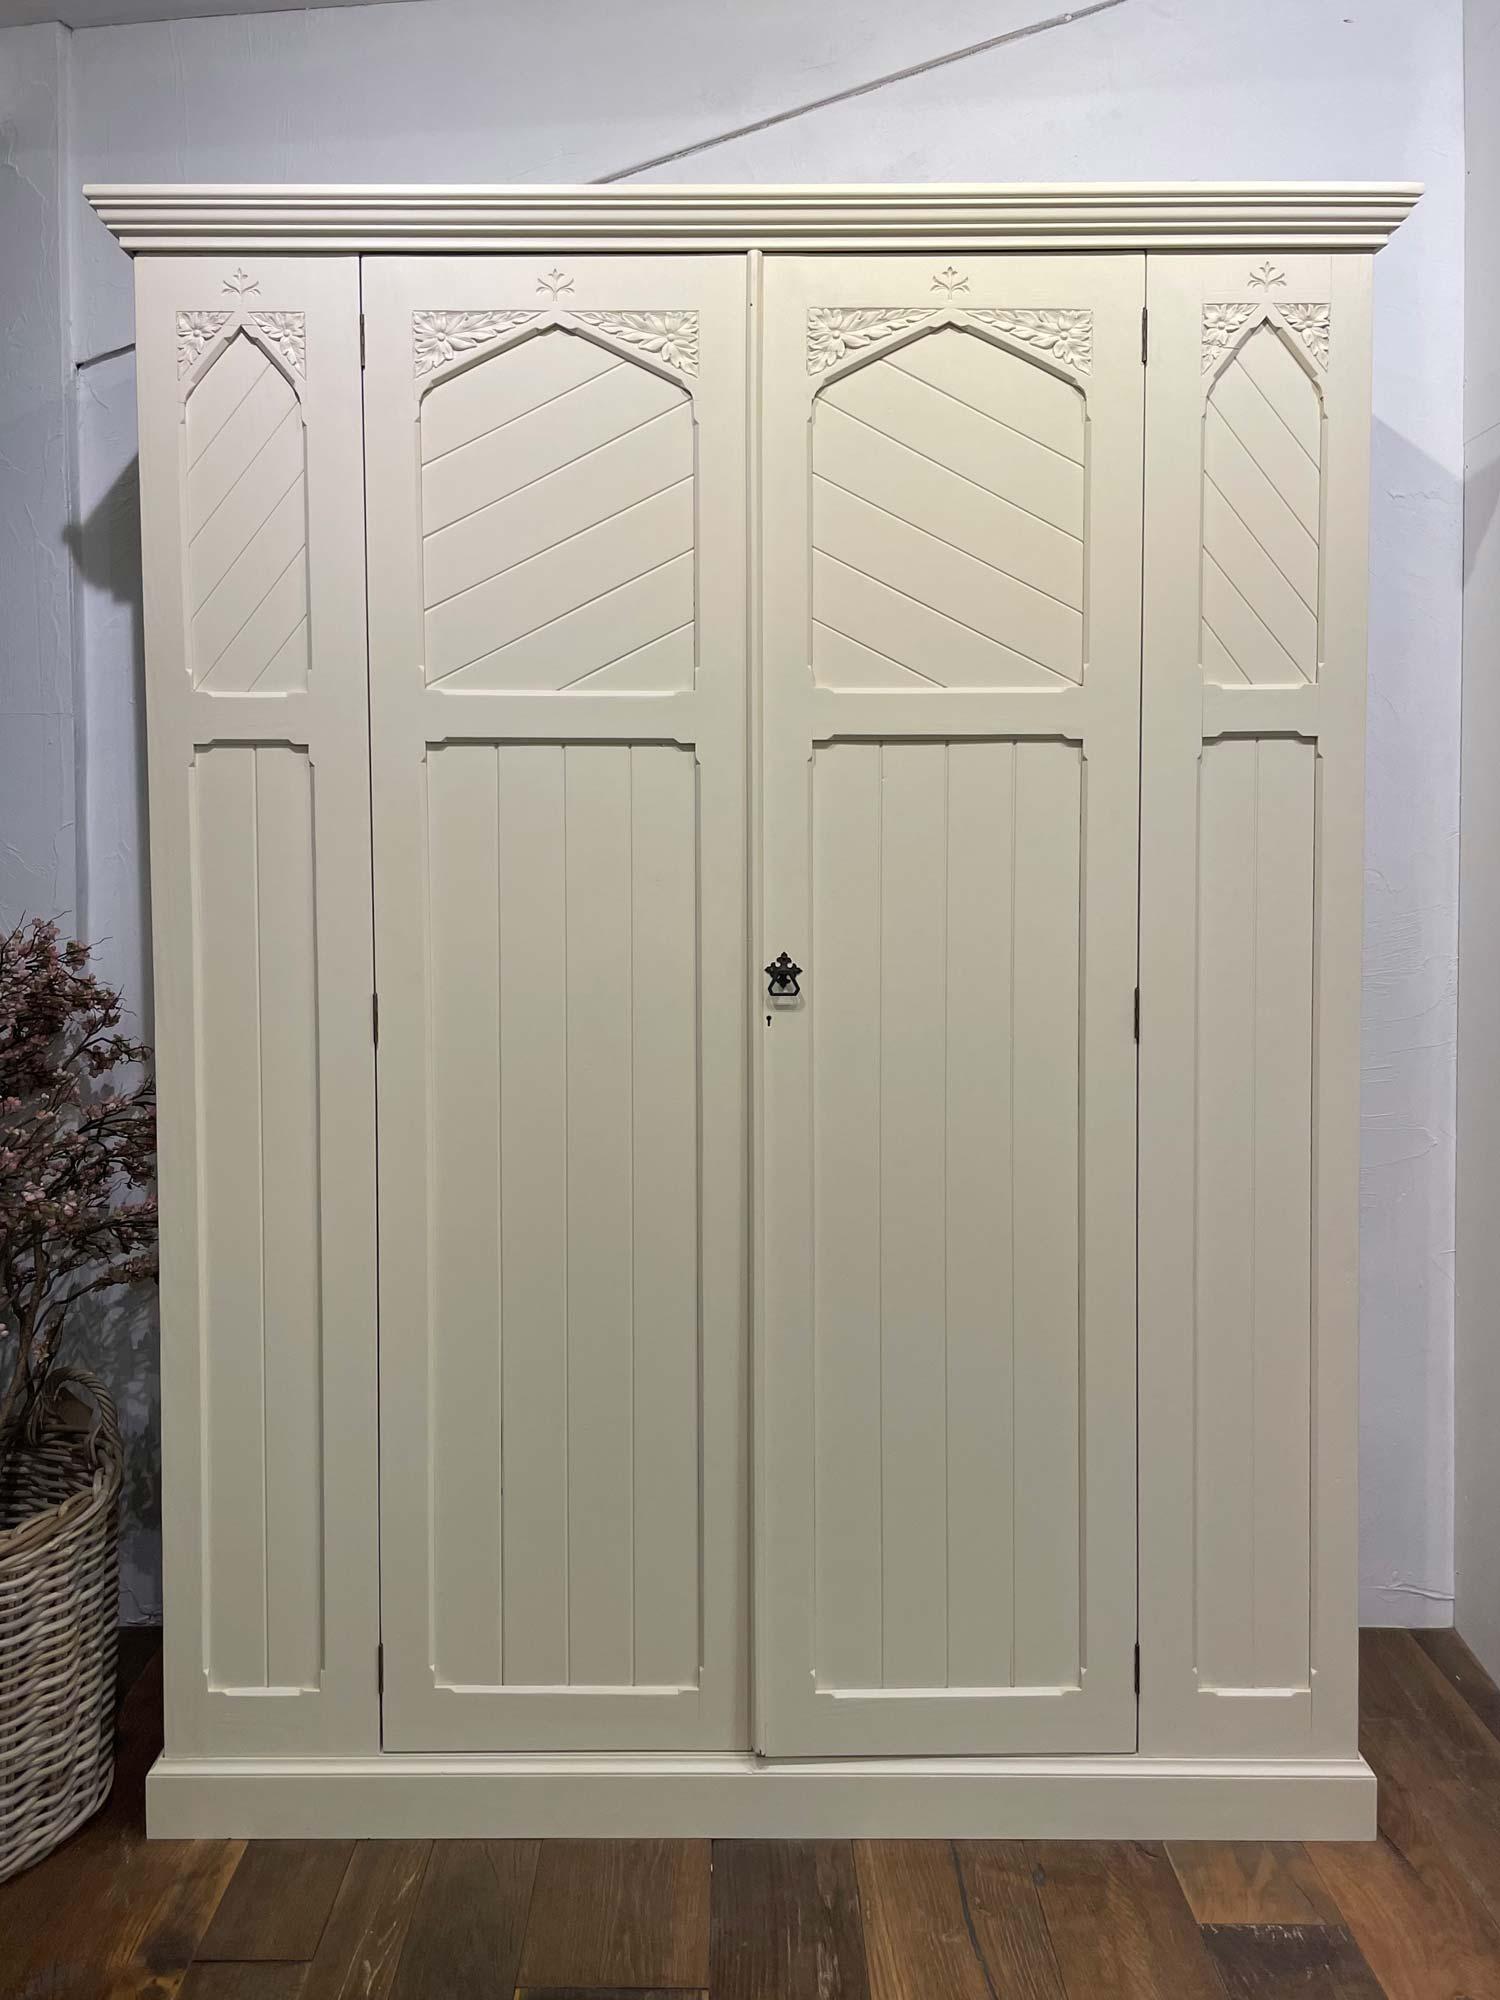 Original painted double door wardrobe